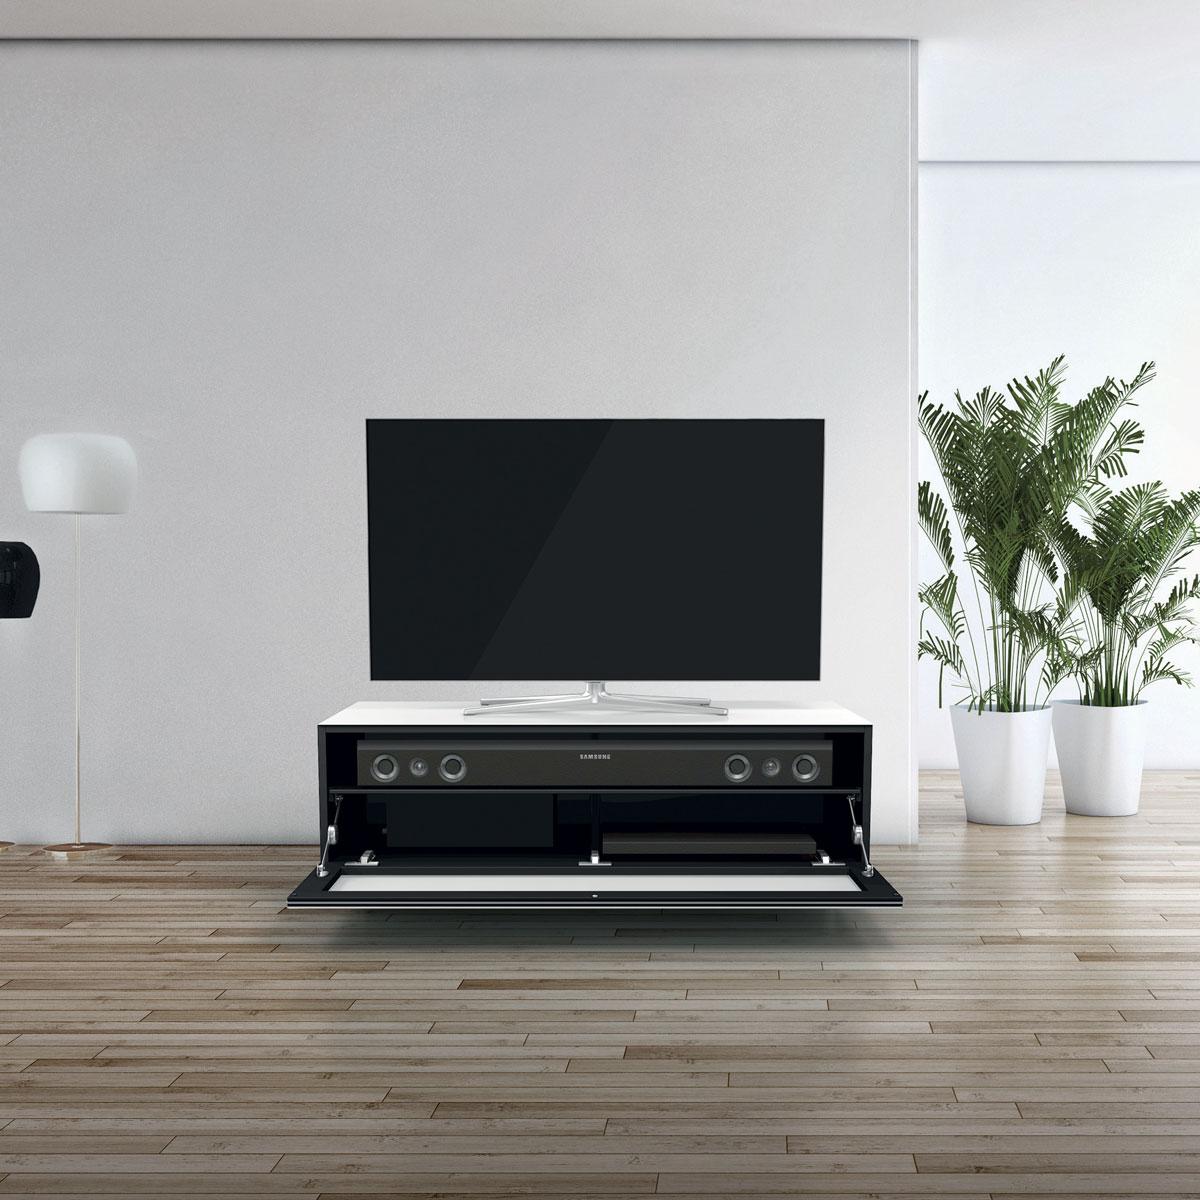 TV Möbel mit stoffbespannter Klappe. Verglasung sehr stabil und kratzfest. Soundbarintergration möglich. Modell JRL 1101S von Just Racks.